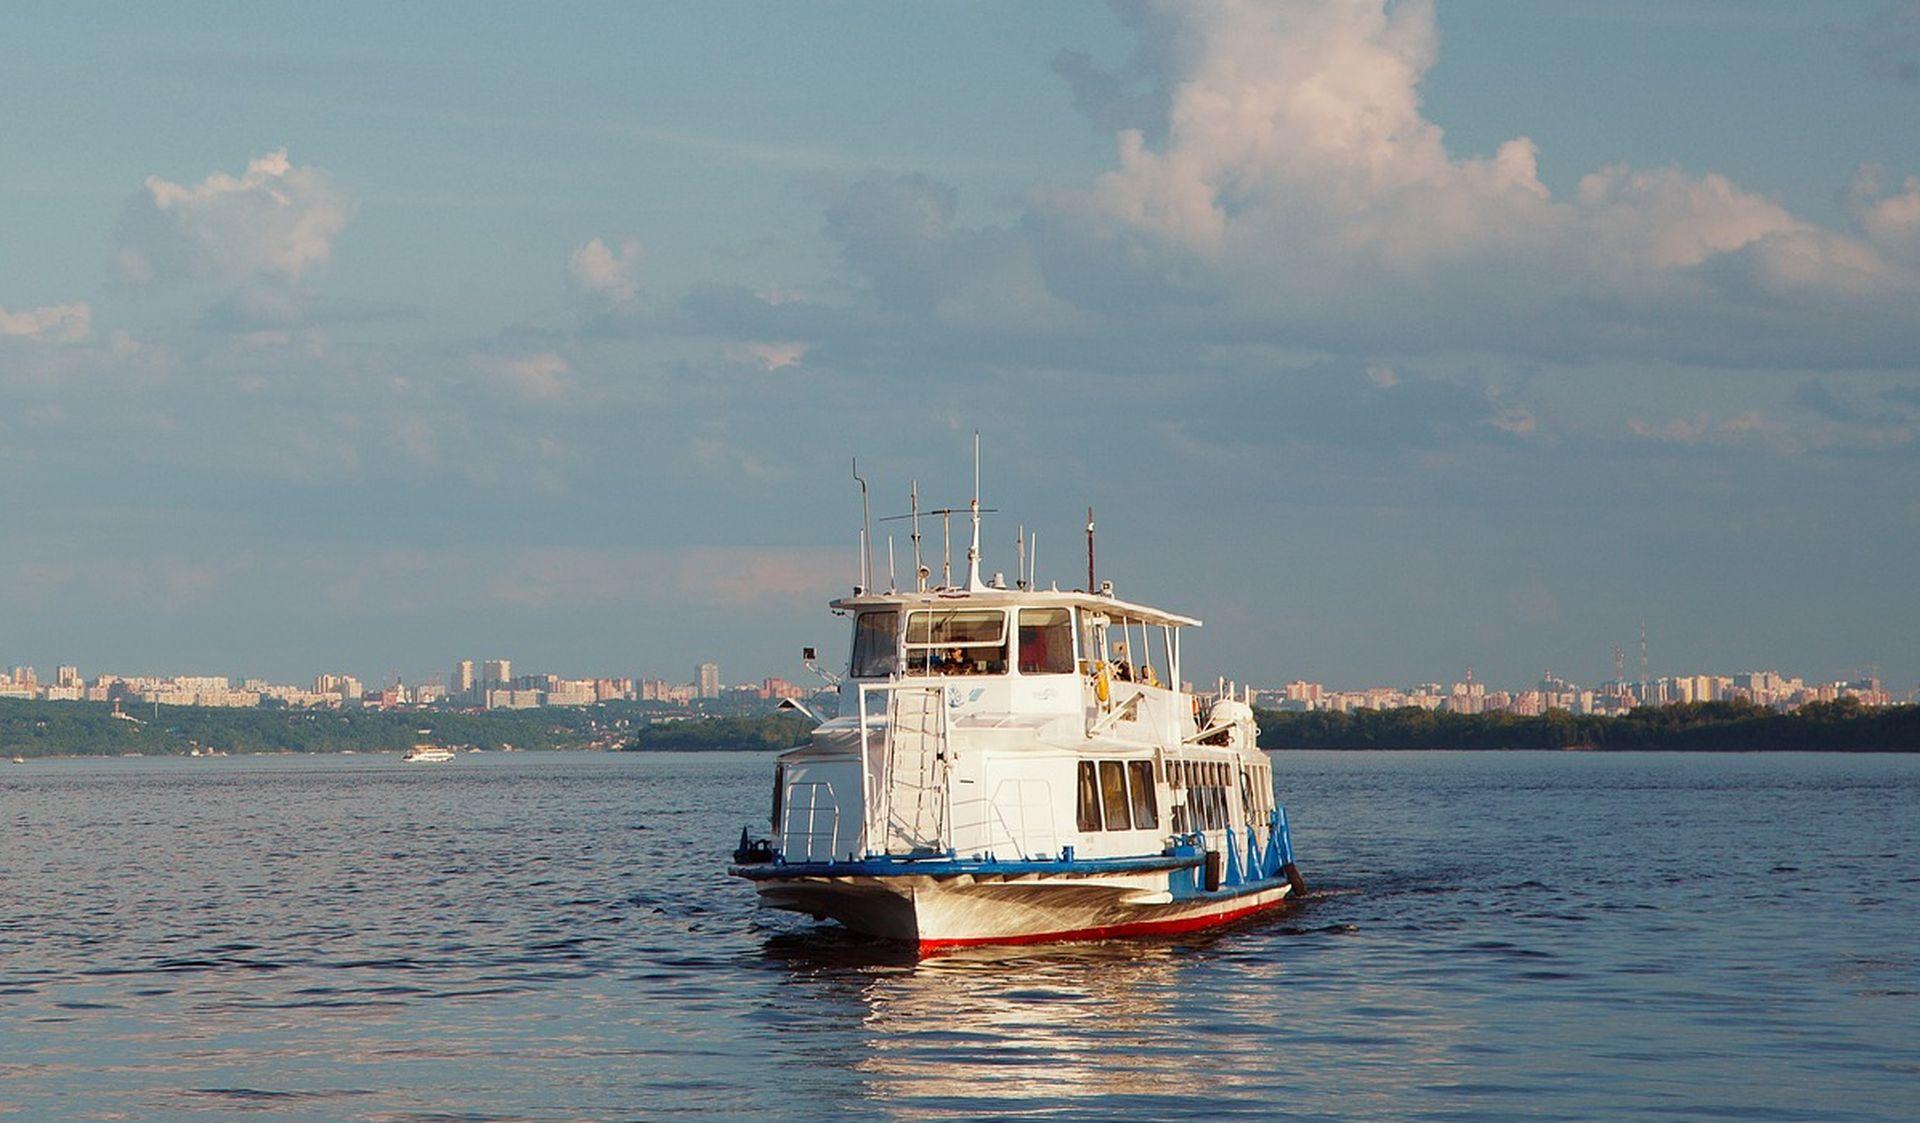 Київський річковий порт запускає новий маршрут до Межигір'я